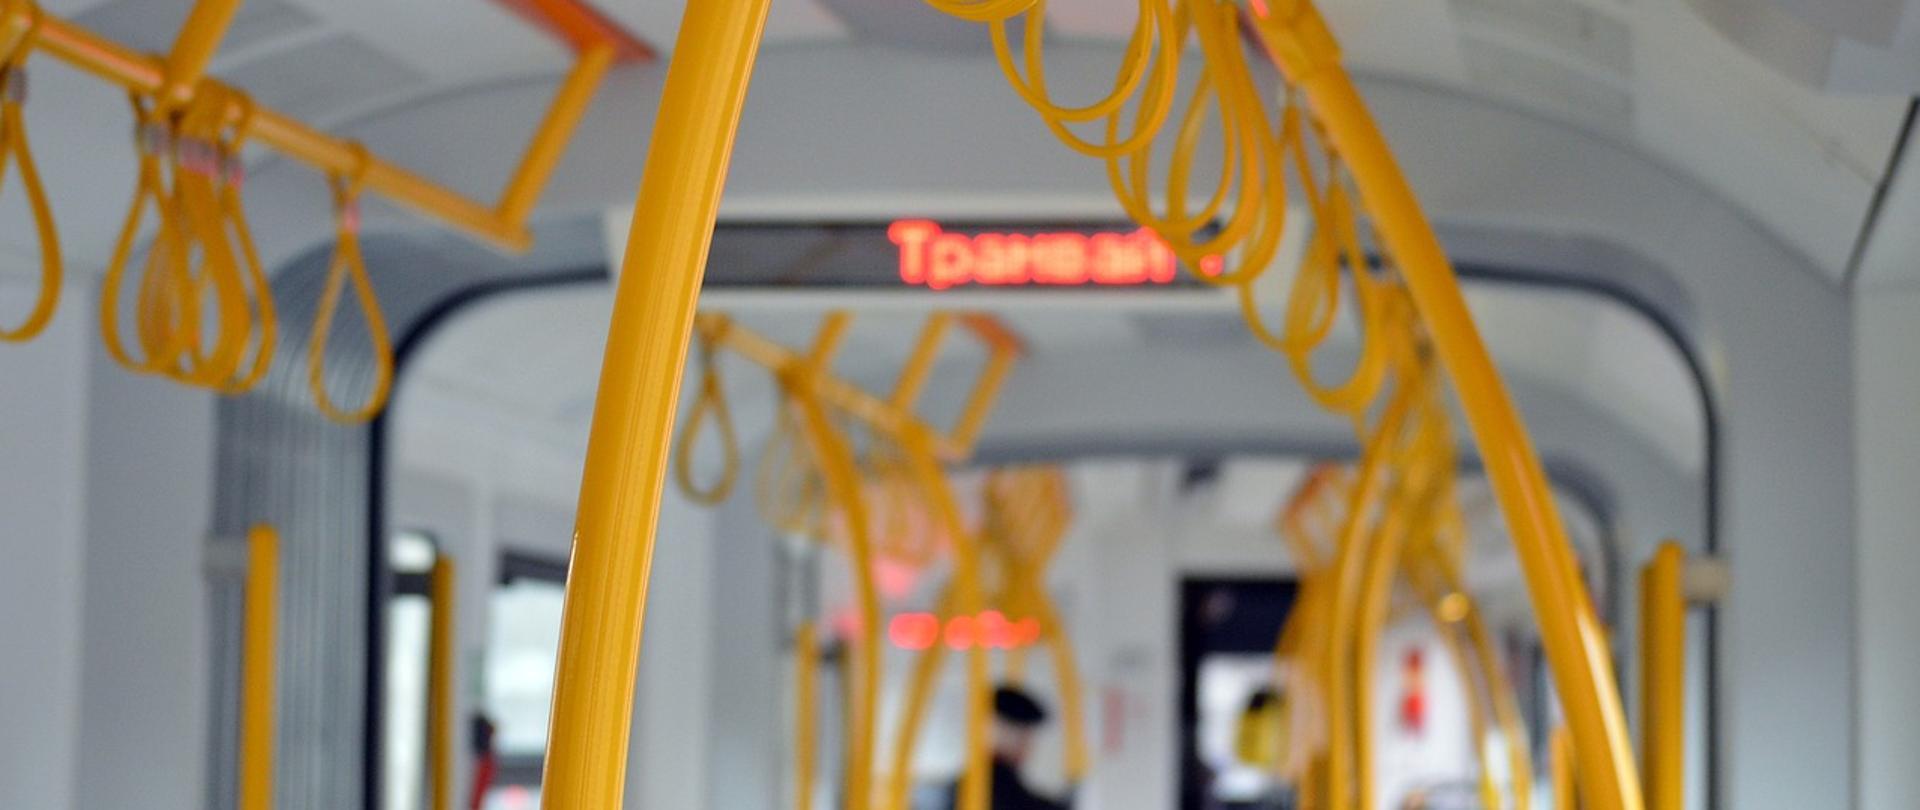 Zasady bezpiecznego korzystania z pojazdów publicznego transportu zbiorowego w trakcie epidemii SARS-CoV-2 w Polsce. Główny Inspektorat Sanitarny, Ministerstwo Zdrowia, Ministerstwo Infrastruktury, 24.08.2020 r.